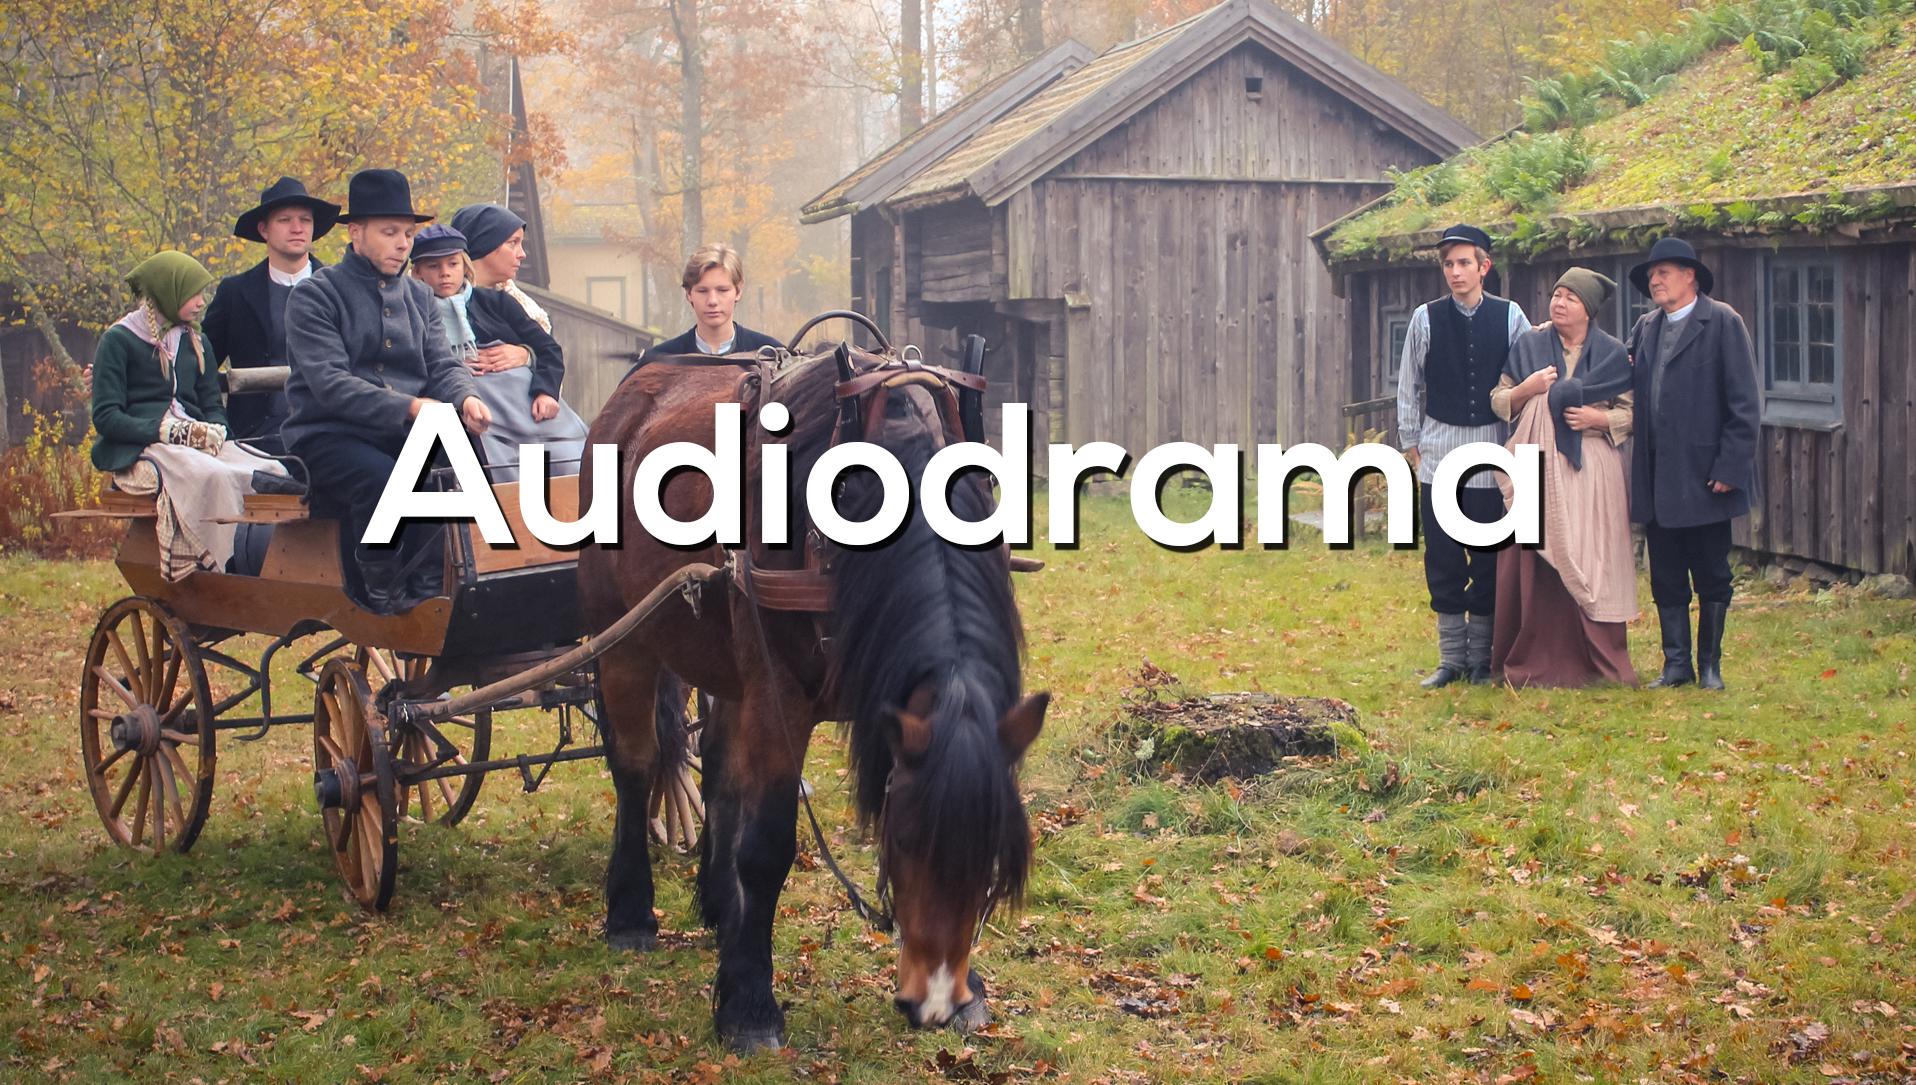 SunTower och Nordic United lanserar Audiodrama